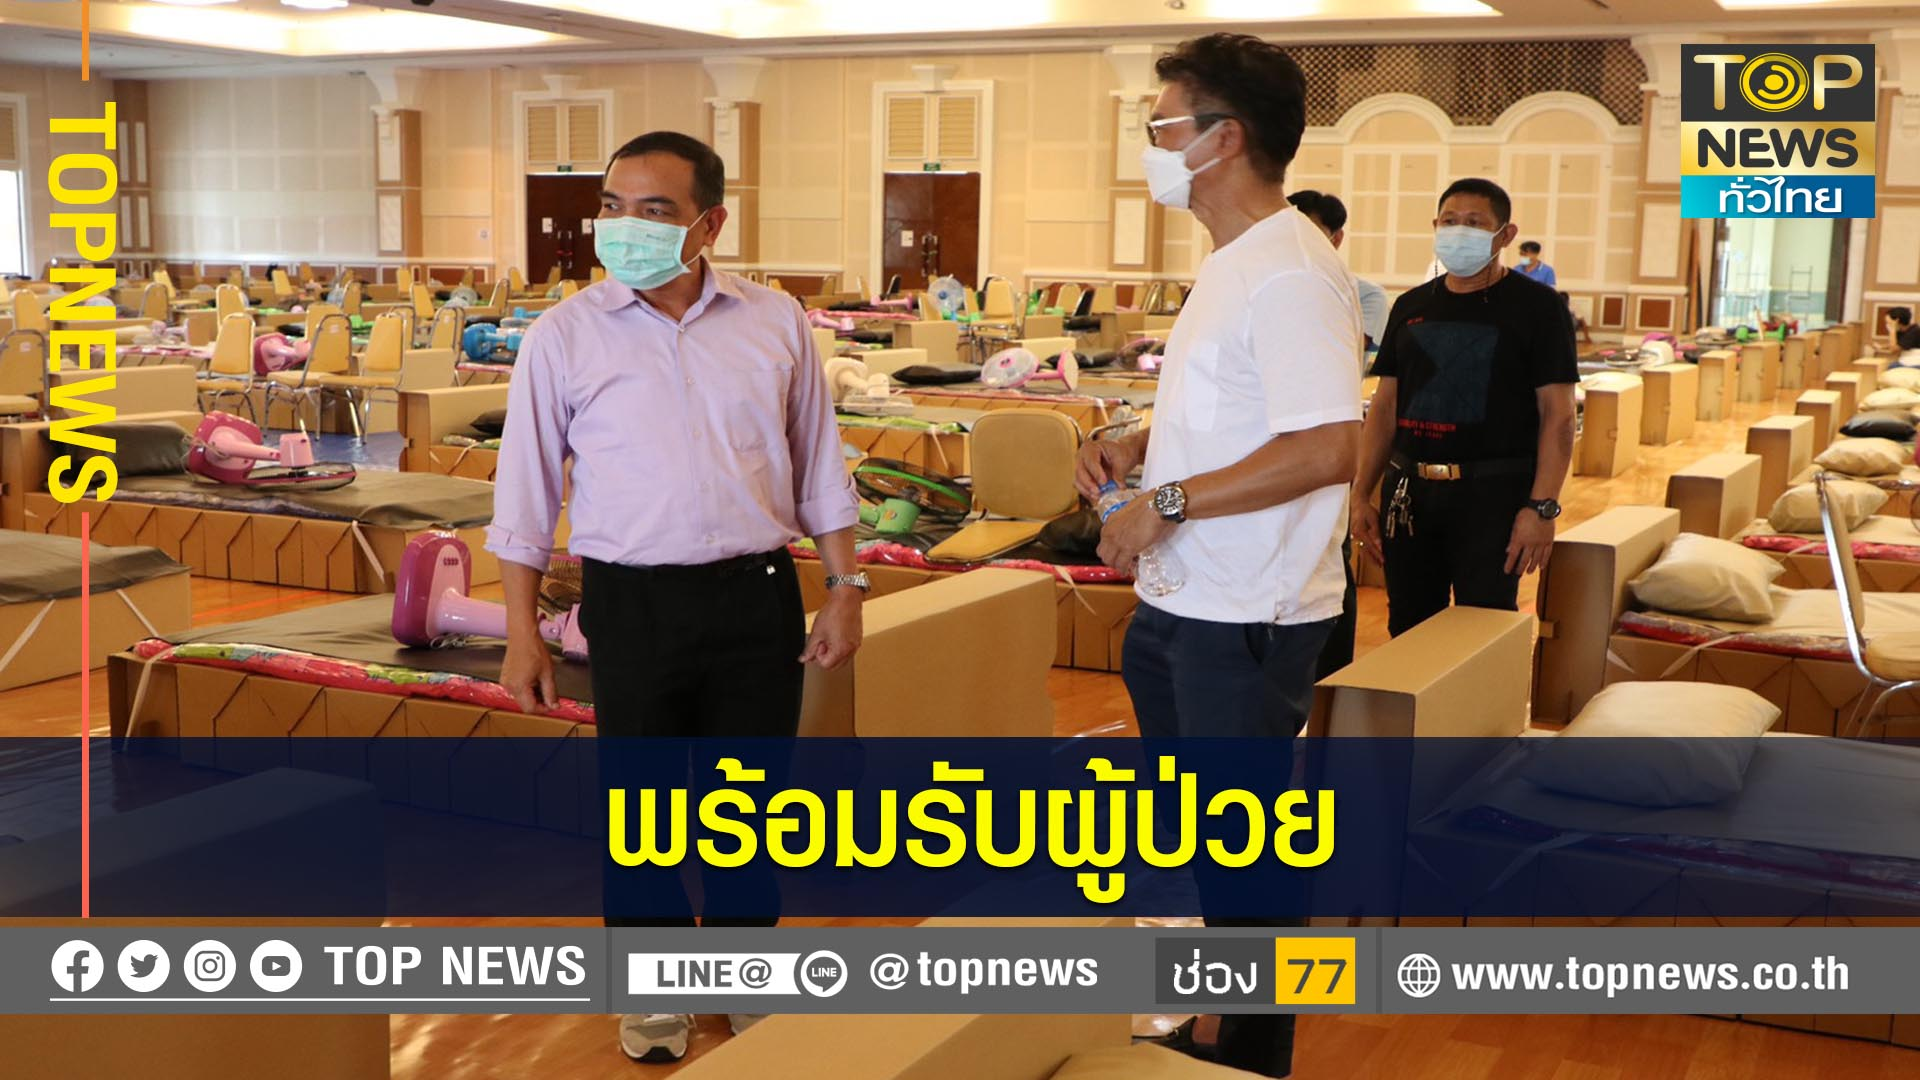 โรงพยาบาลสนามภูเก็ตแห่งที่ 2 พร้อมรับผู้ป่วยภายในวันที่ 3 สิงหาคมนี้